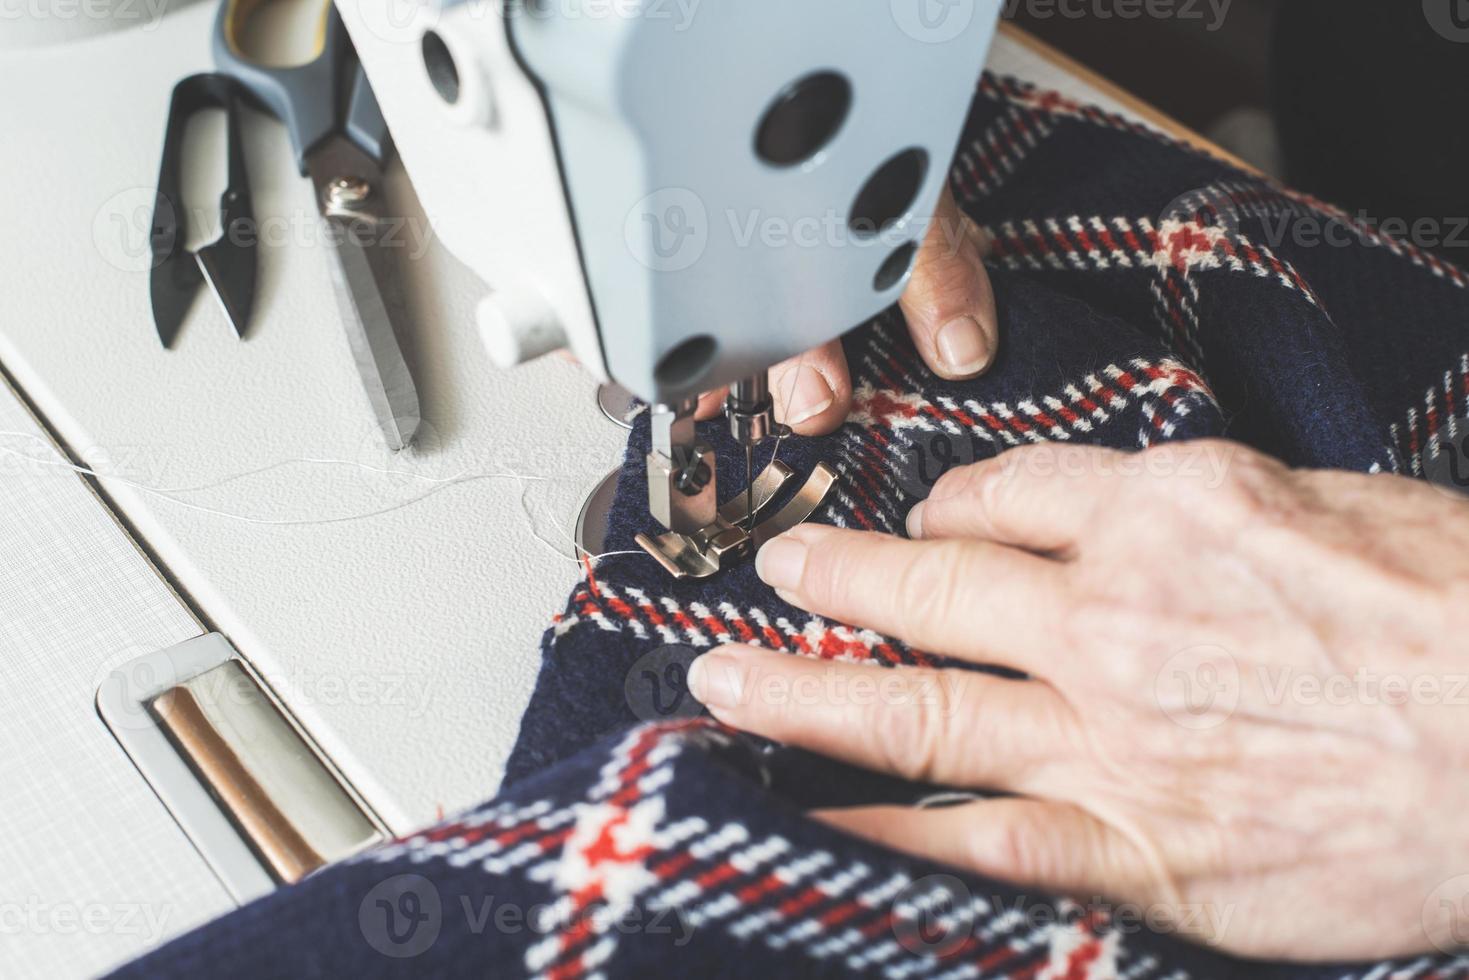 femme cousant sur une machine à coudre. photo